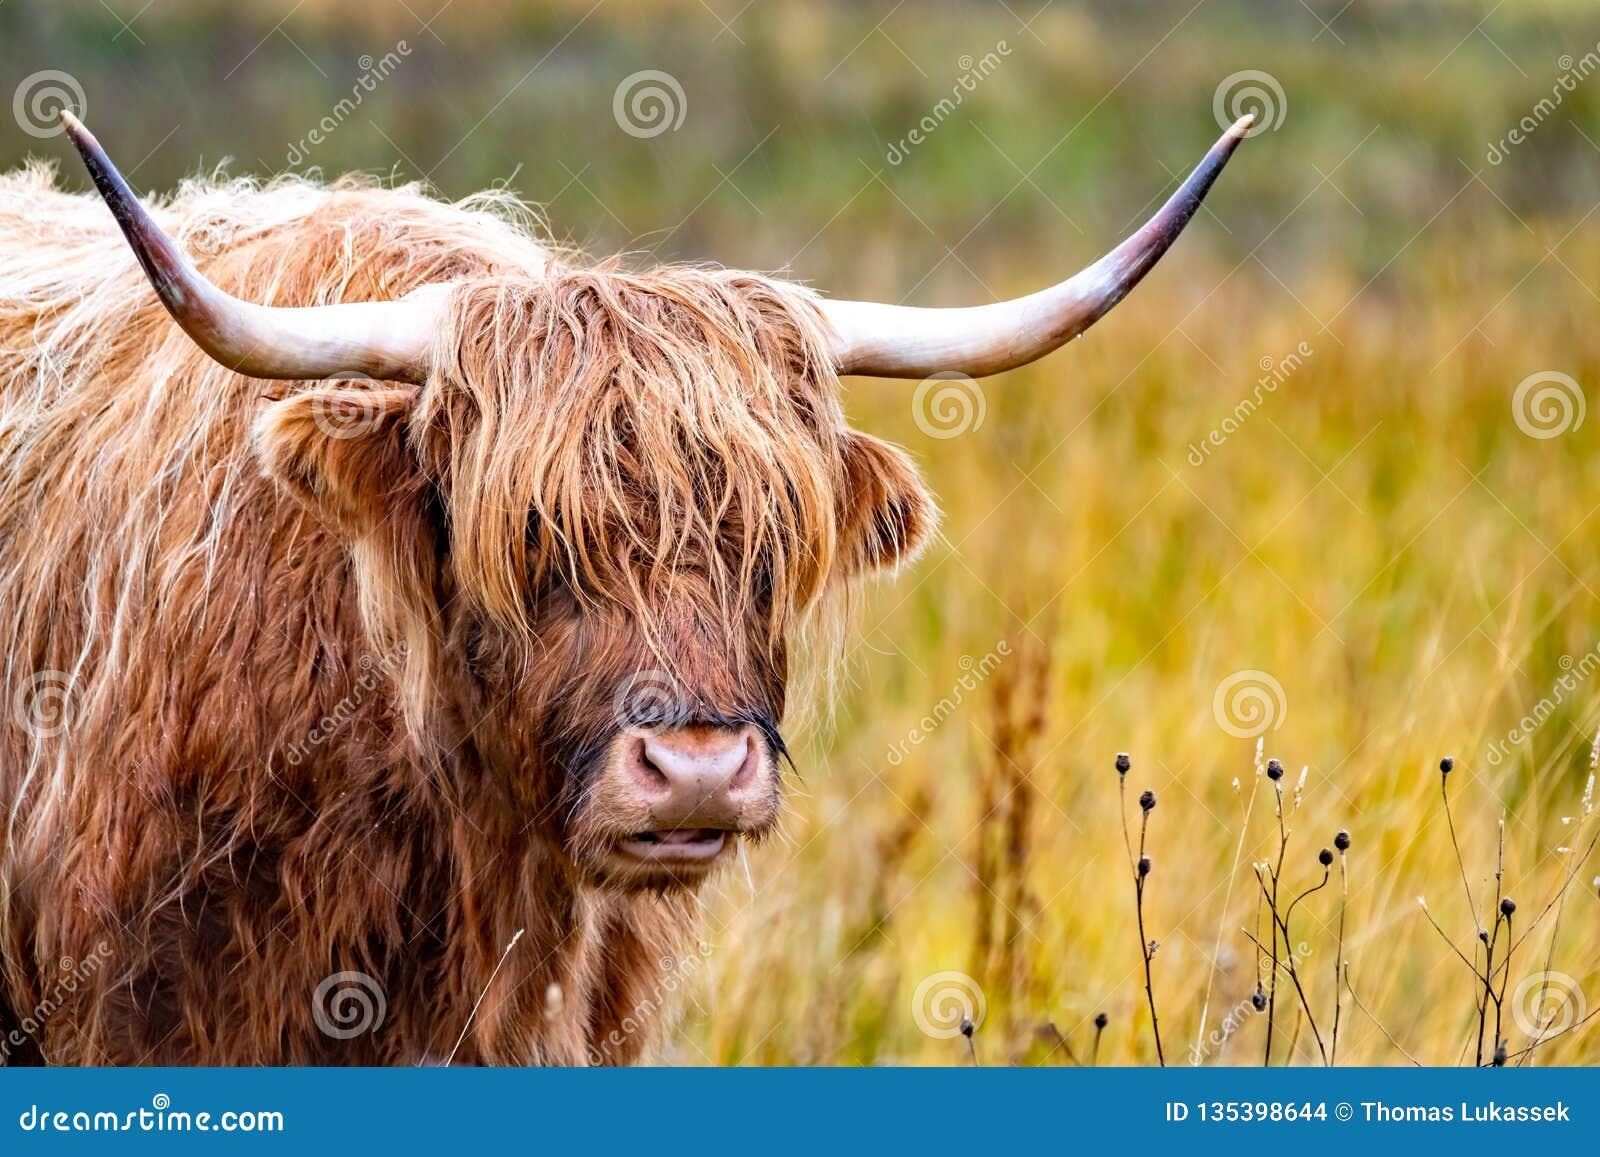 高地牛- Bo Ghaidhealach - Heilan咕咕声-与典型长的垫铁的苏格兰牛品种和长期波浪